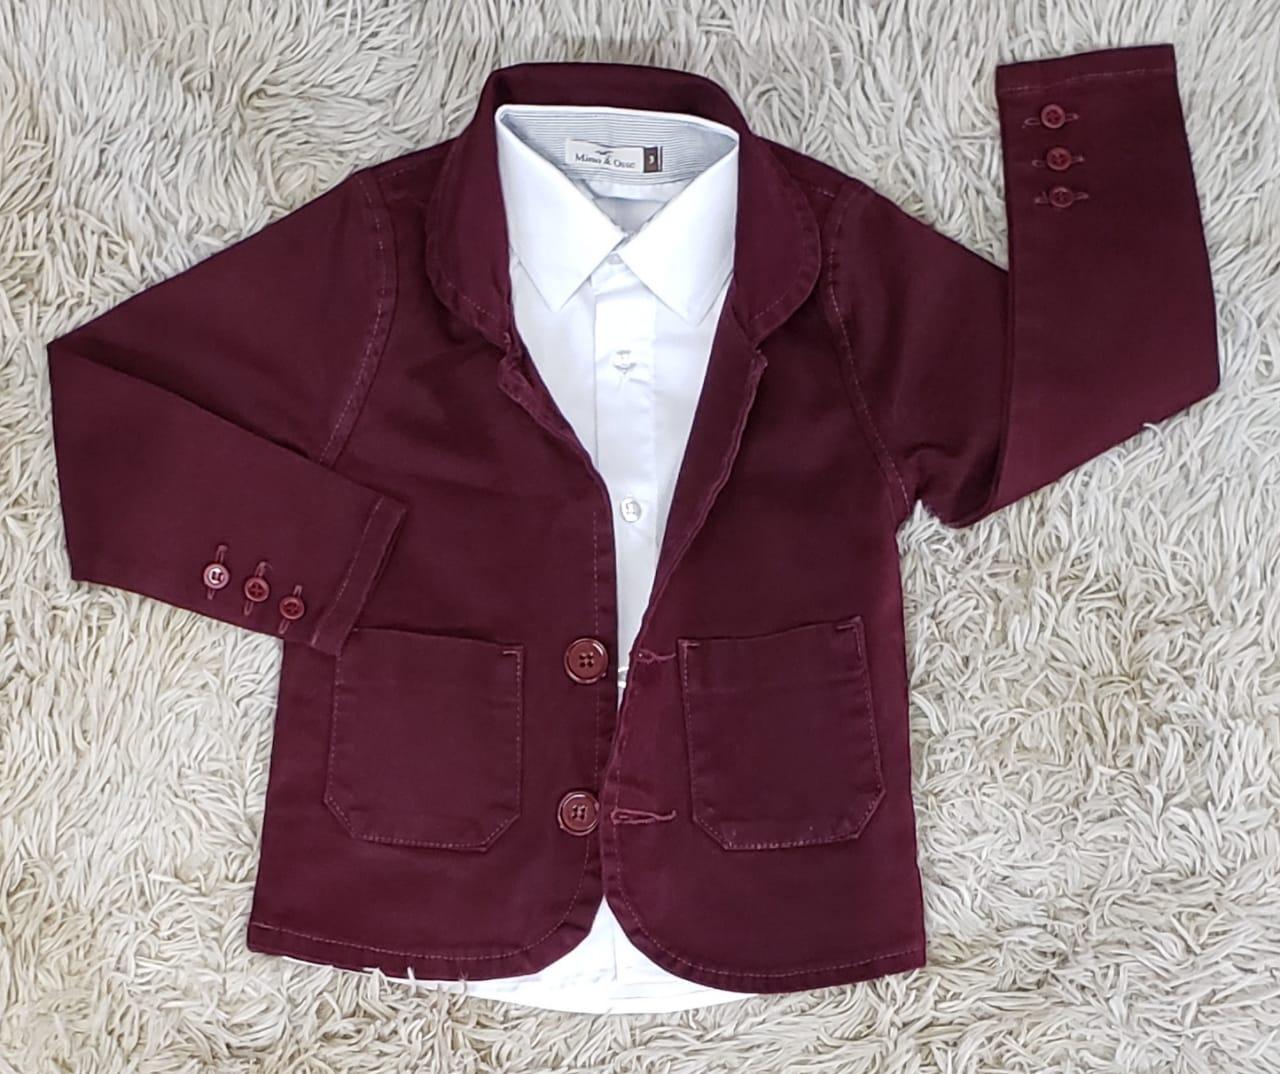 Camisa Social com Blazer